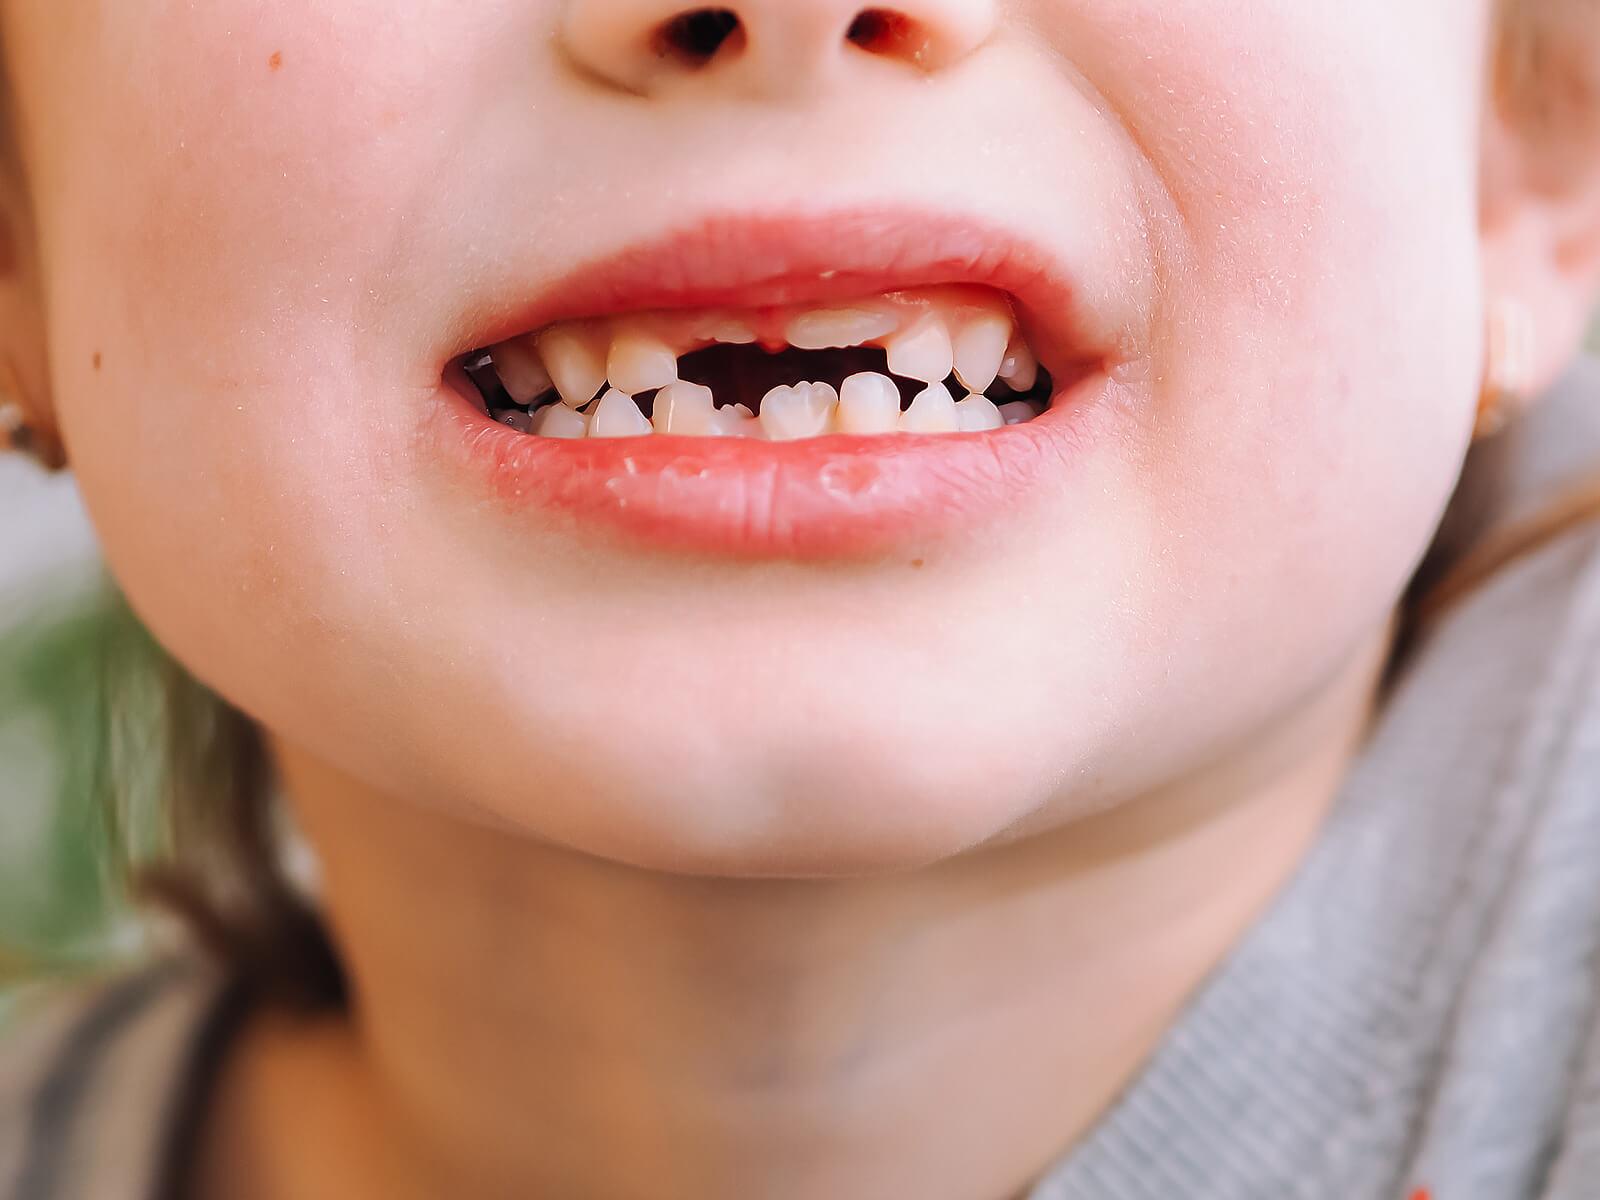 Niño enseñando sus dientes de leche tras un golpe.